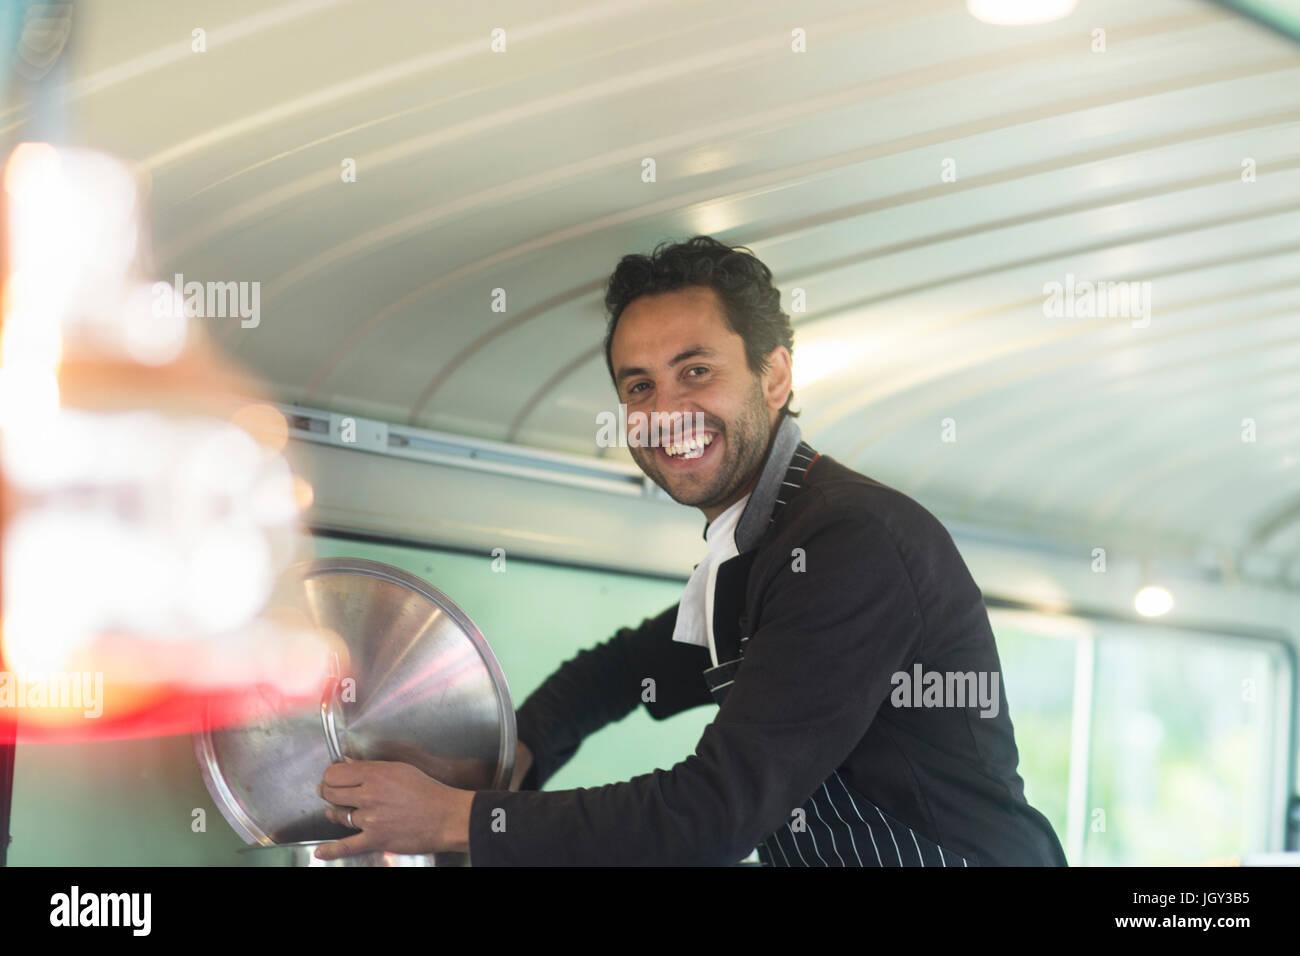 Ritratto di proprietario di piccola impresa nella preparazione degli alimenti in van stallo alimentare Immagini Stock